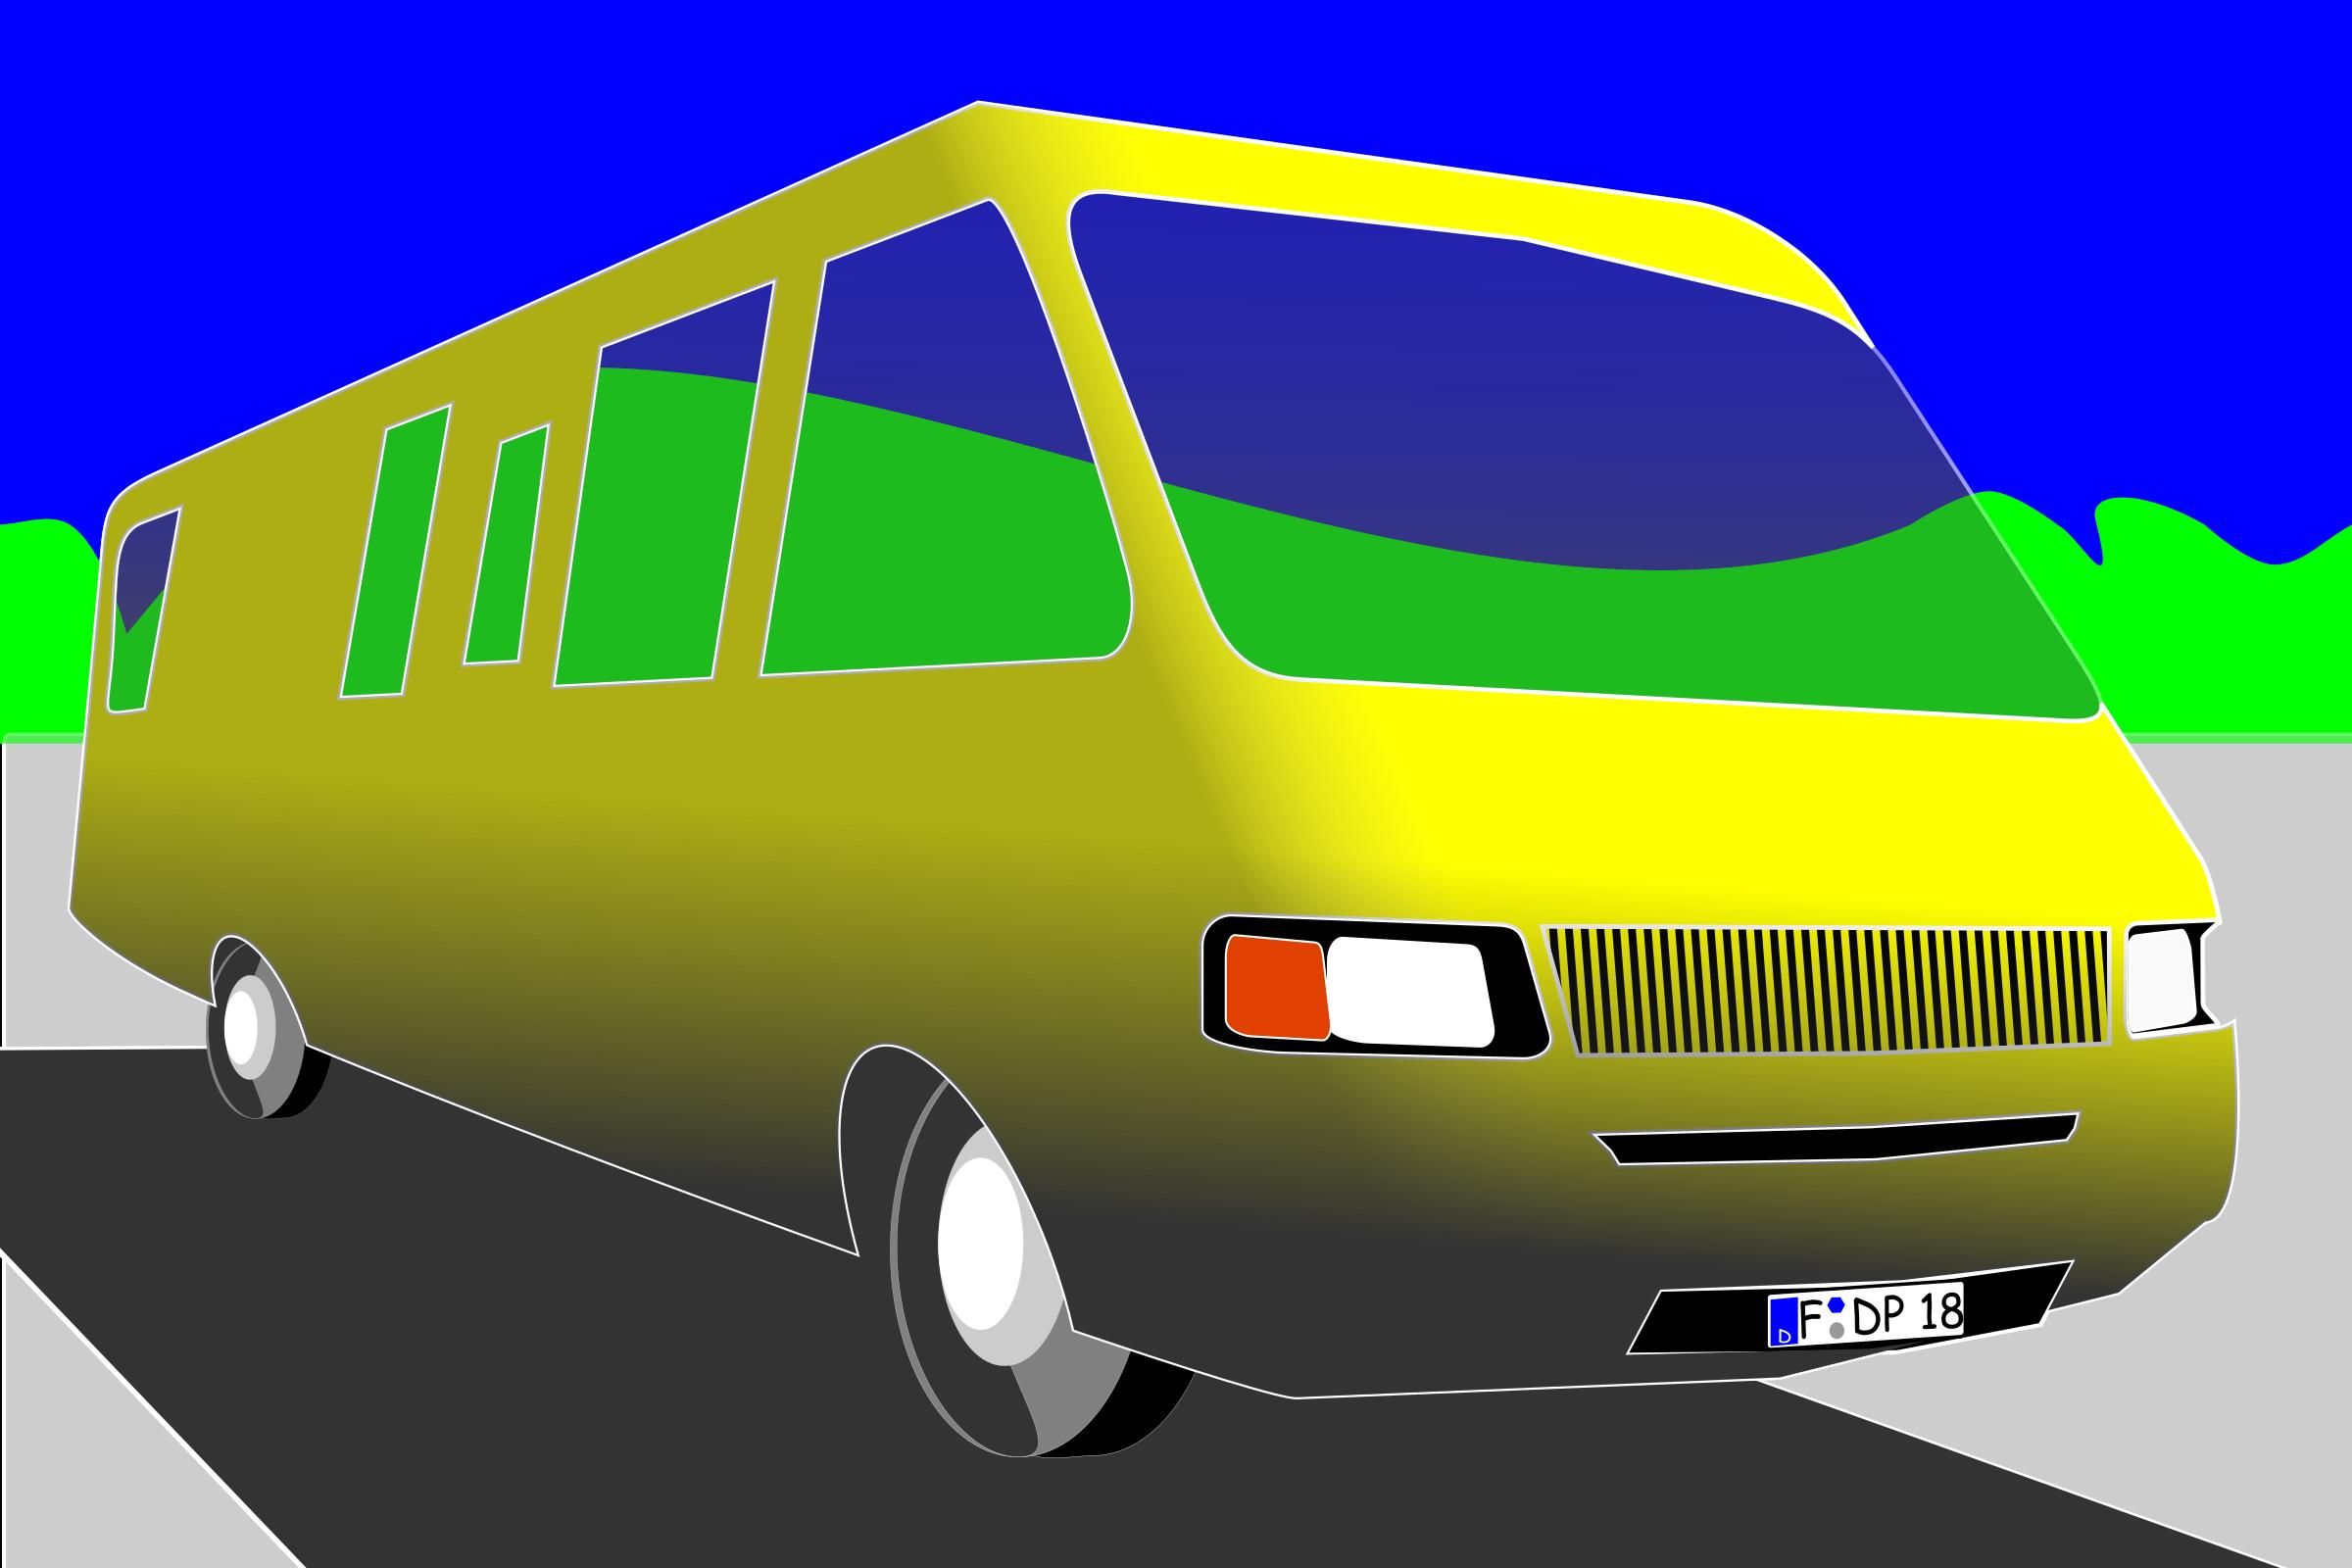 Caravan image png. Minivan clipart big car